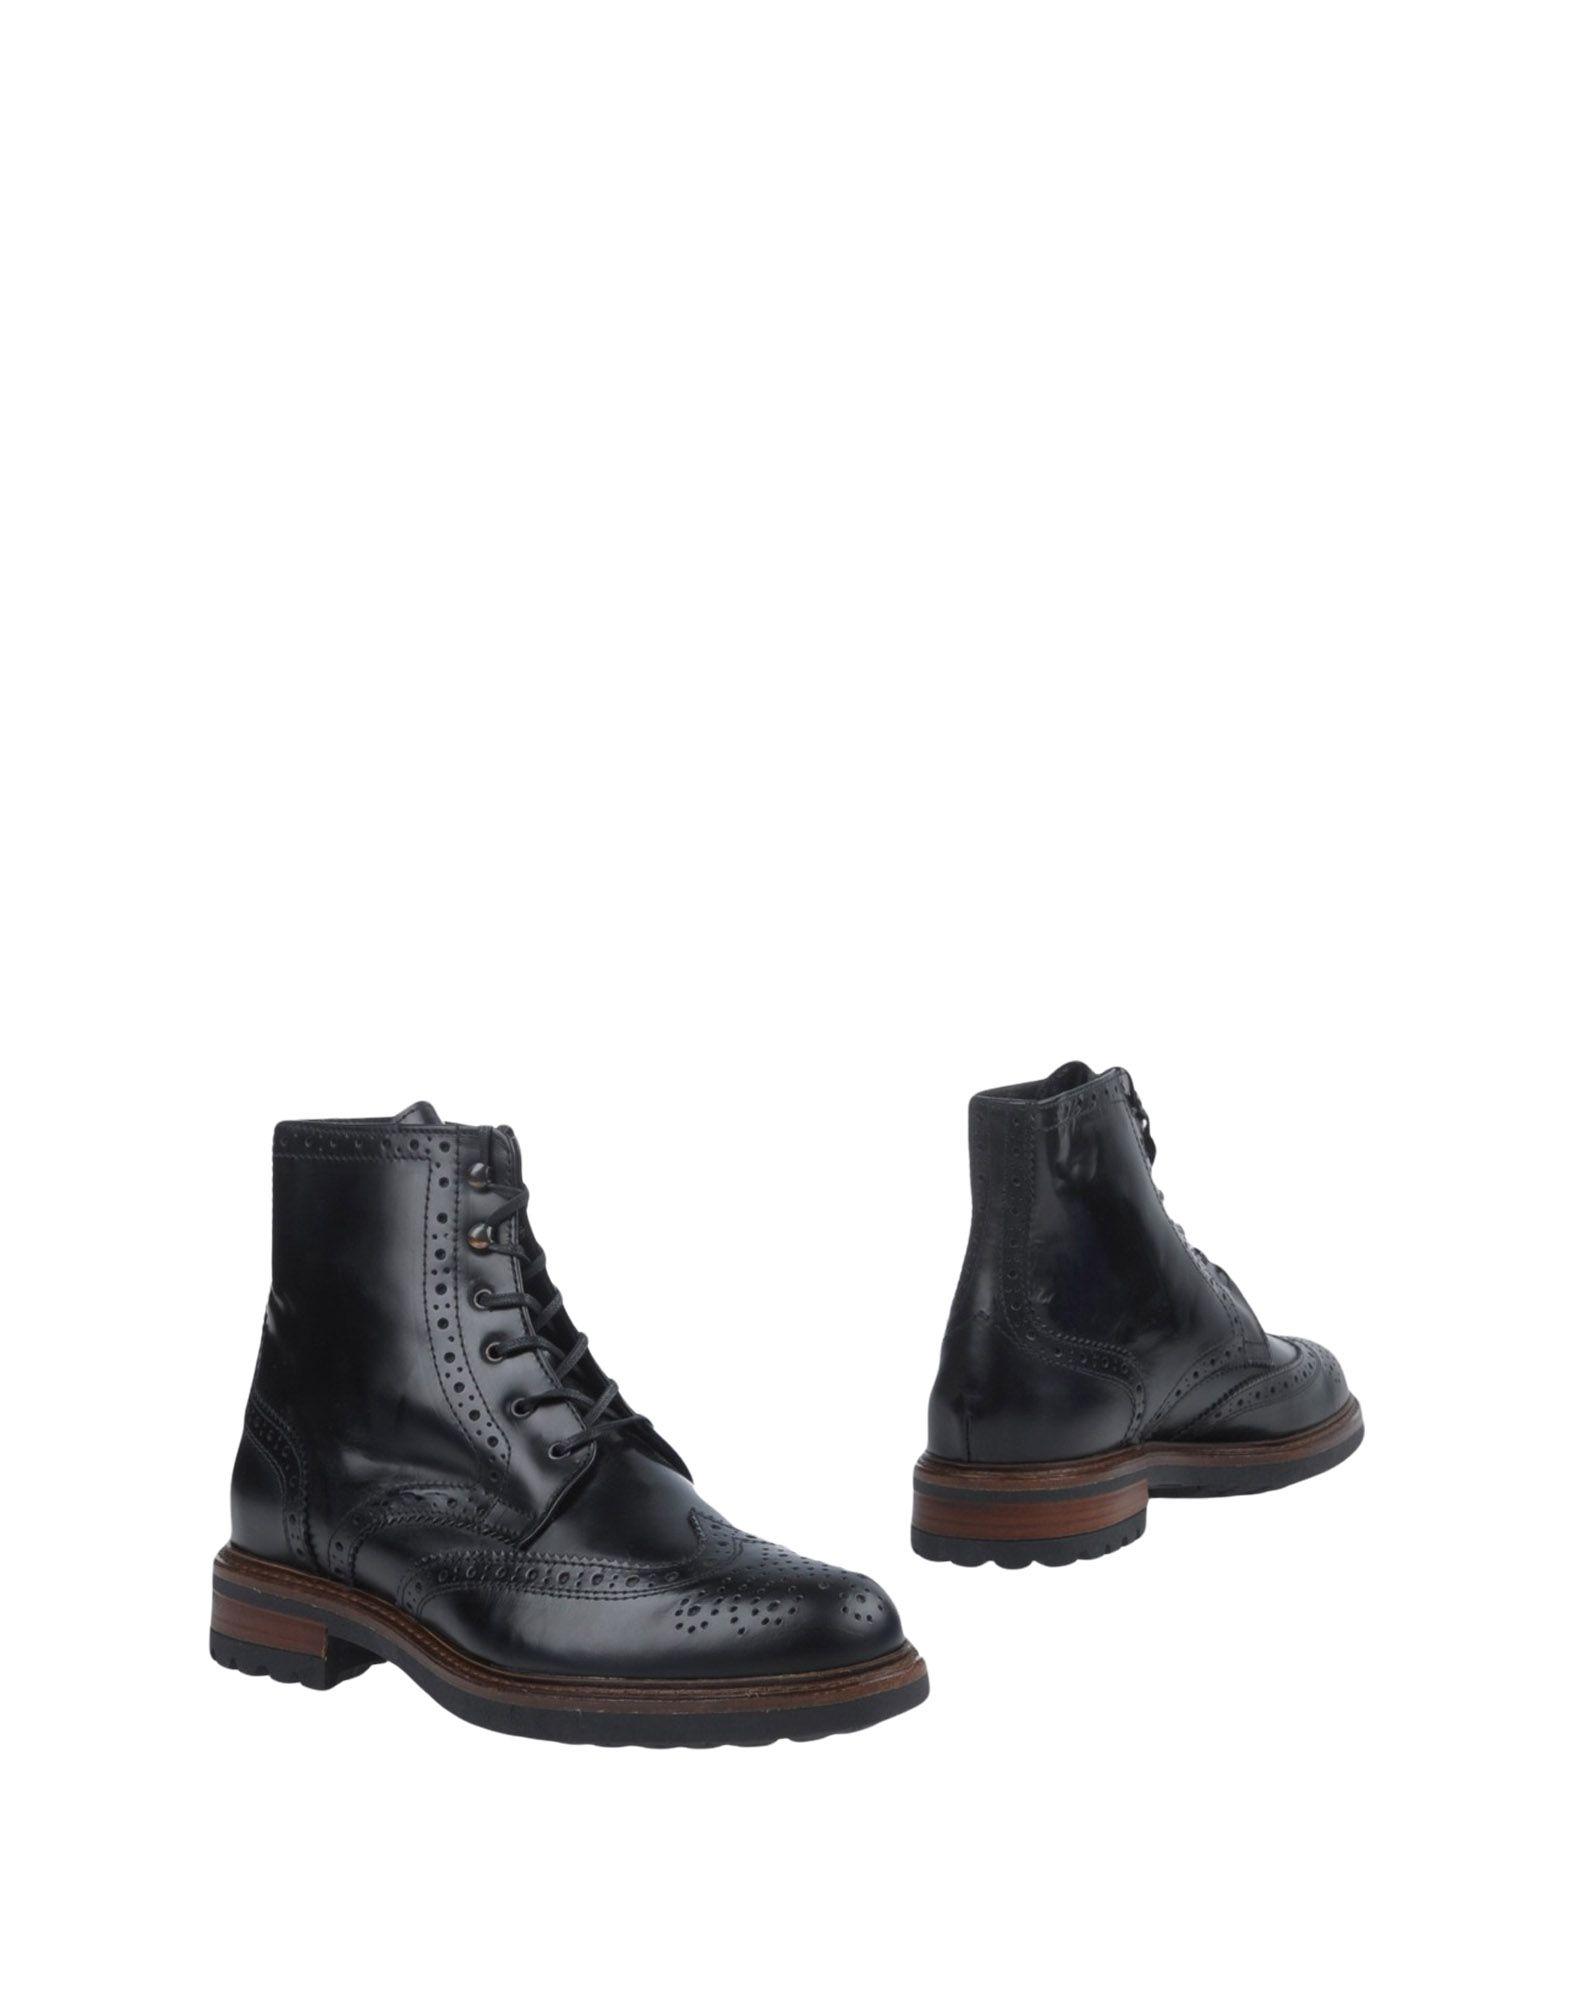 Haltbare Mode billige Schuhe At.P.Co Stiefelette Herren  11385980FE Heiße Schuhe